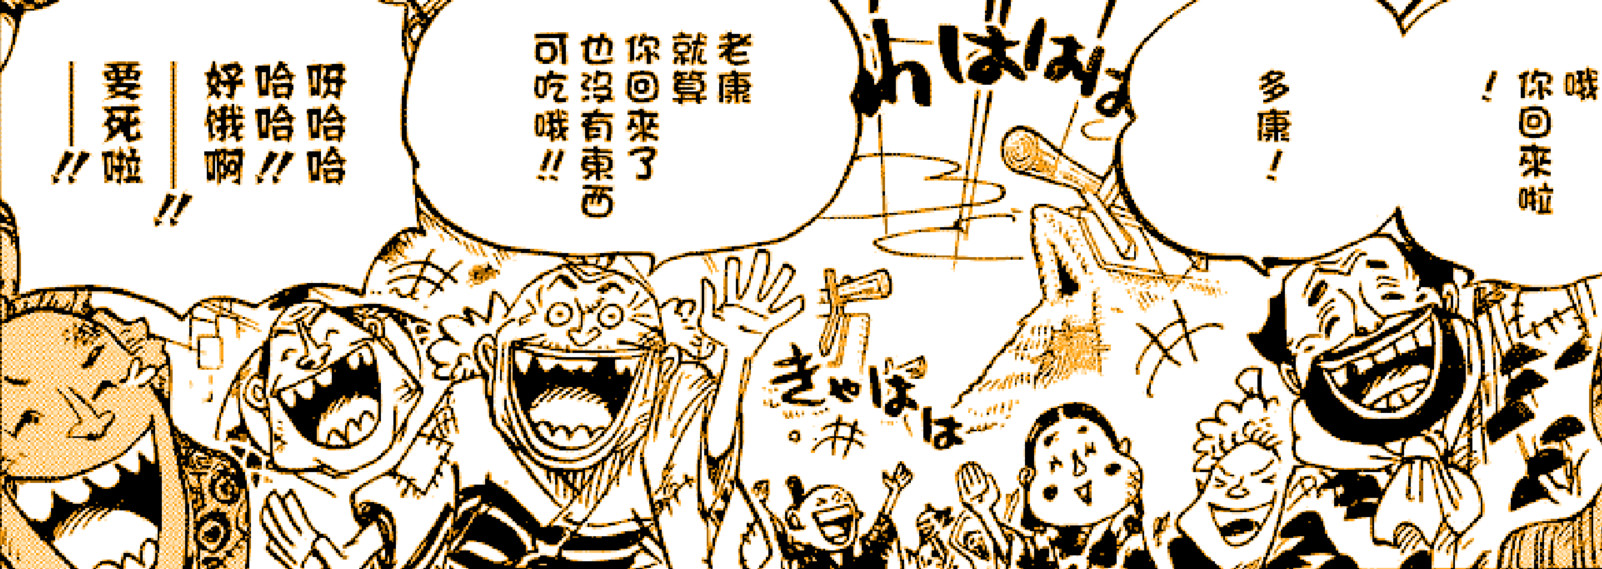 海賊王943話:財神鎮秘密揭曉,他們一直笑,是因為吃了SMILE果實